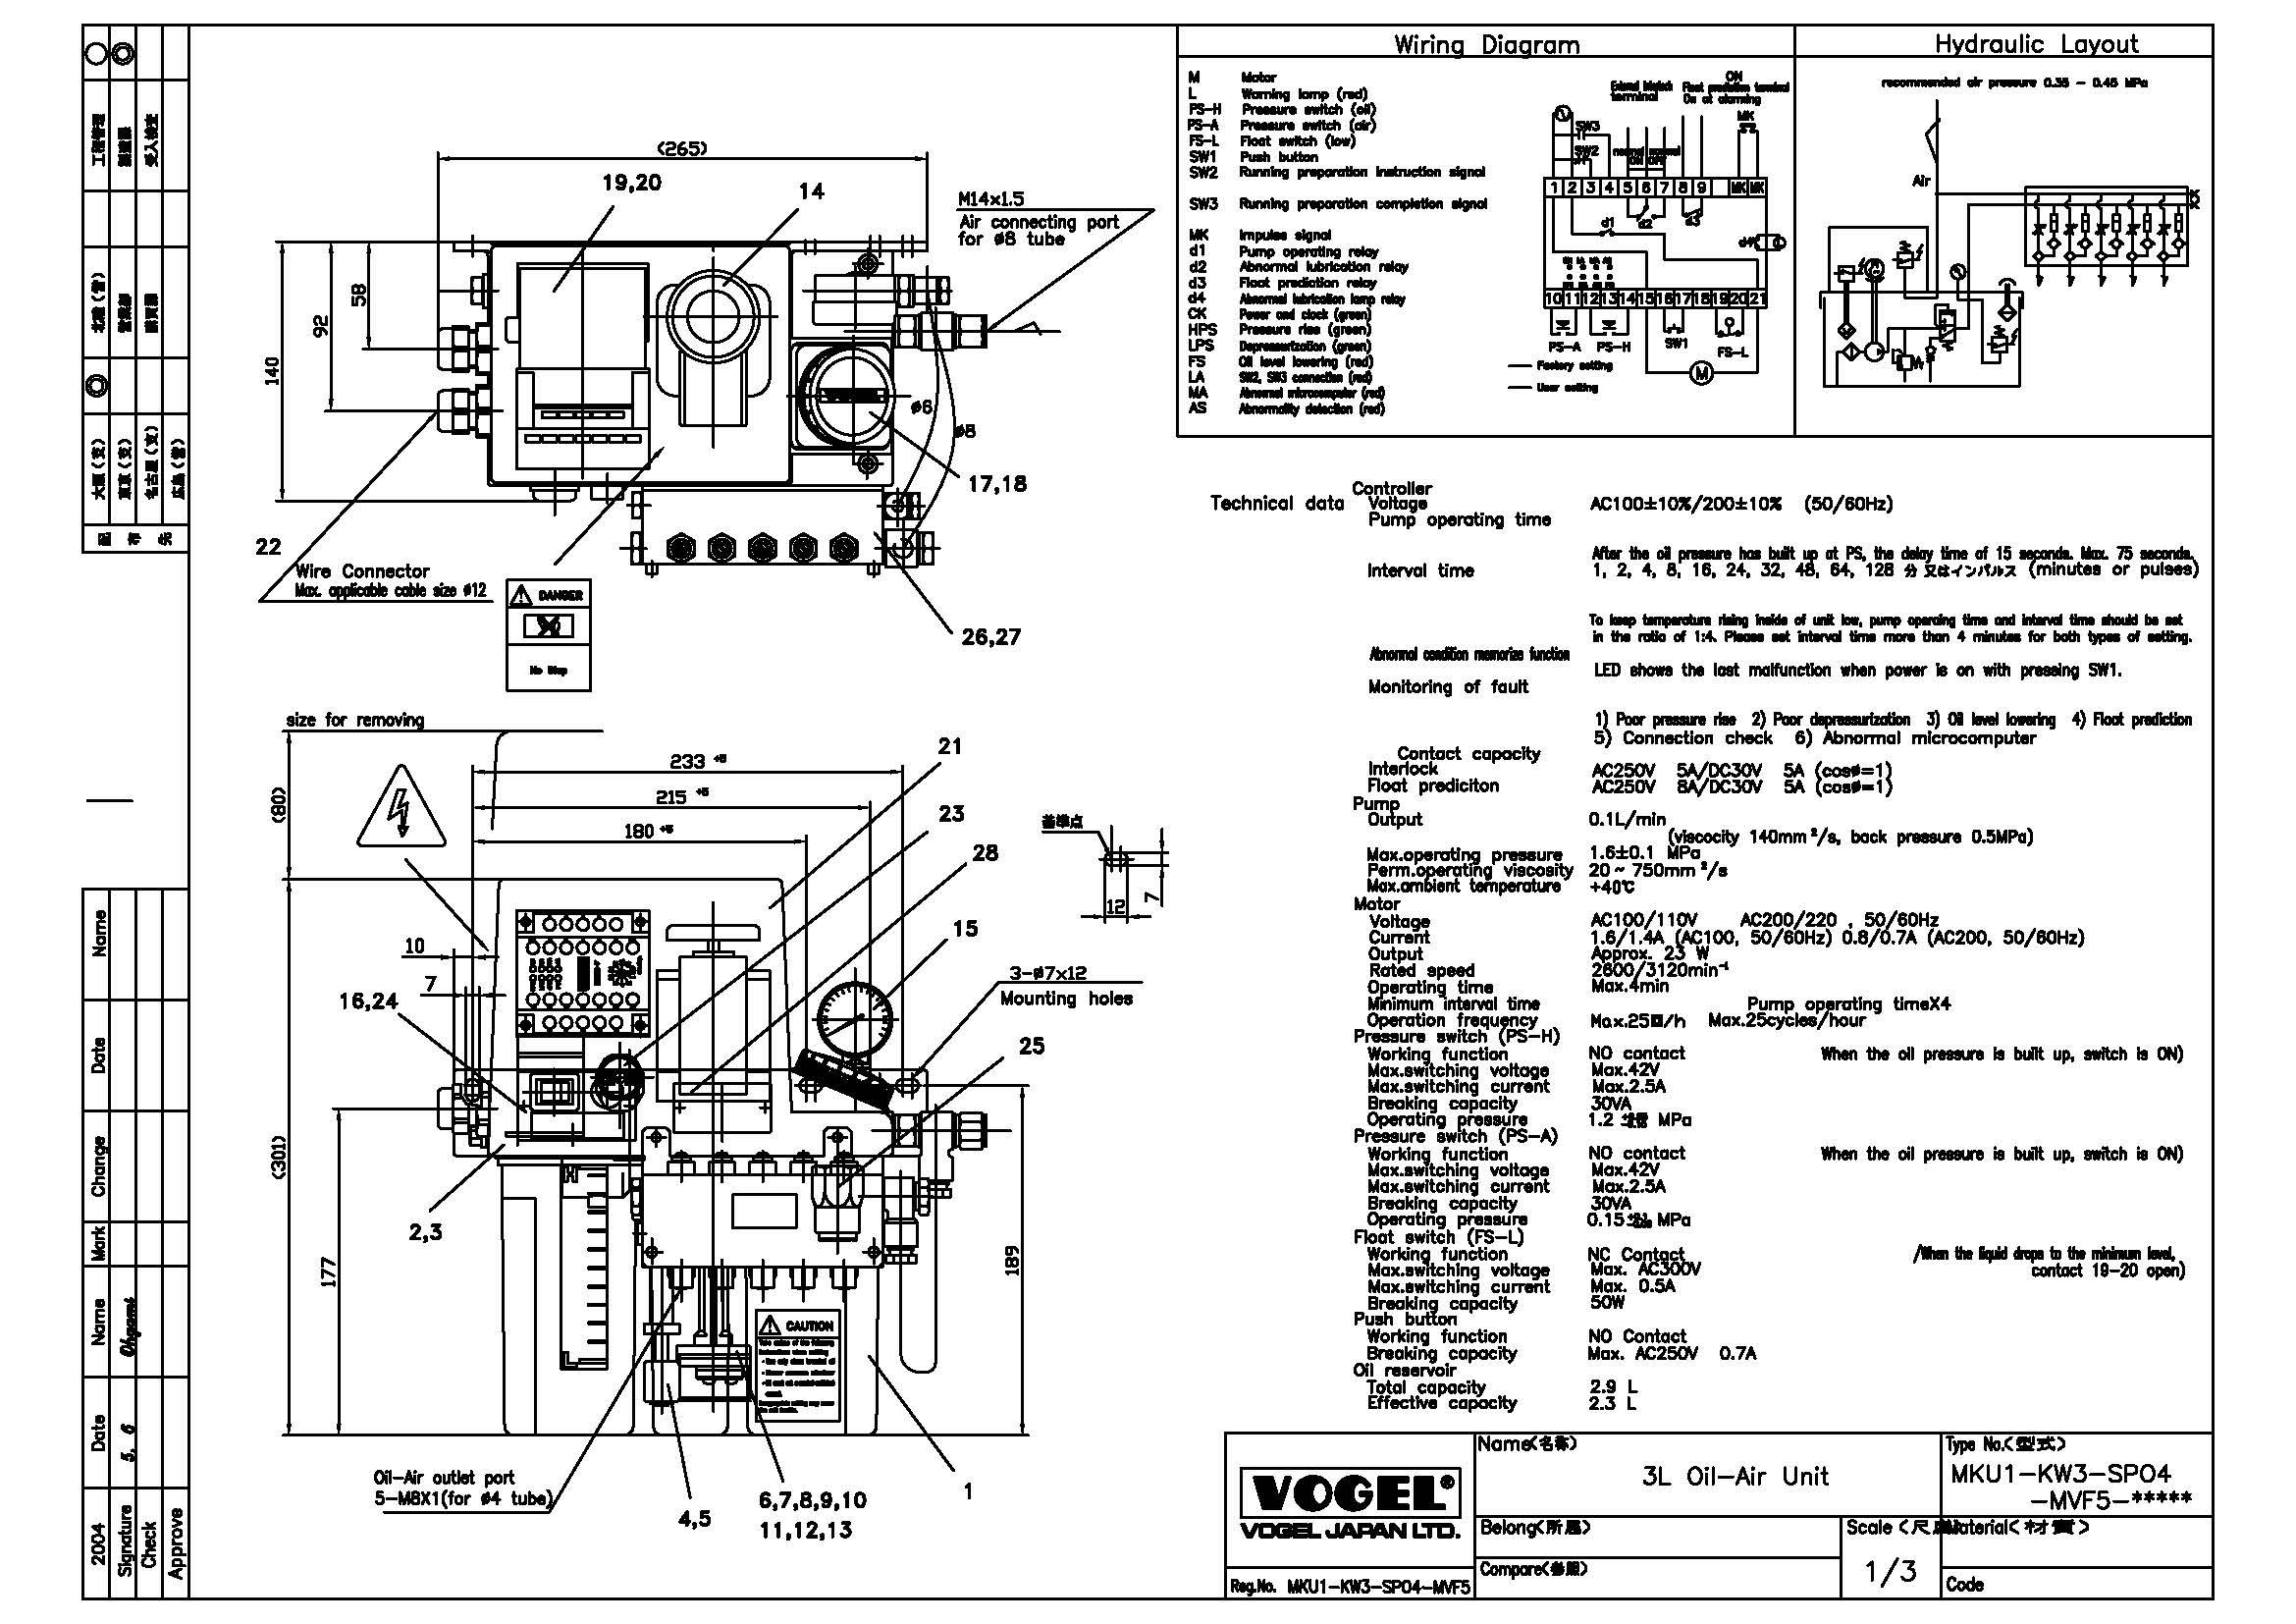 MKU1-KW3-SPO4-MVF5.